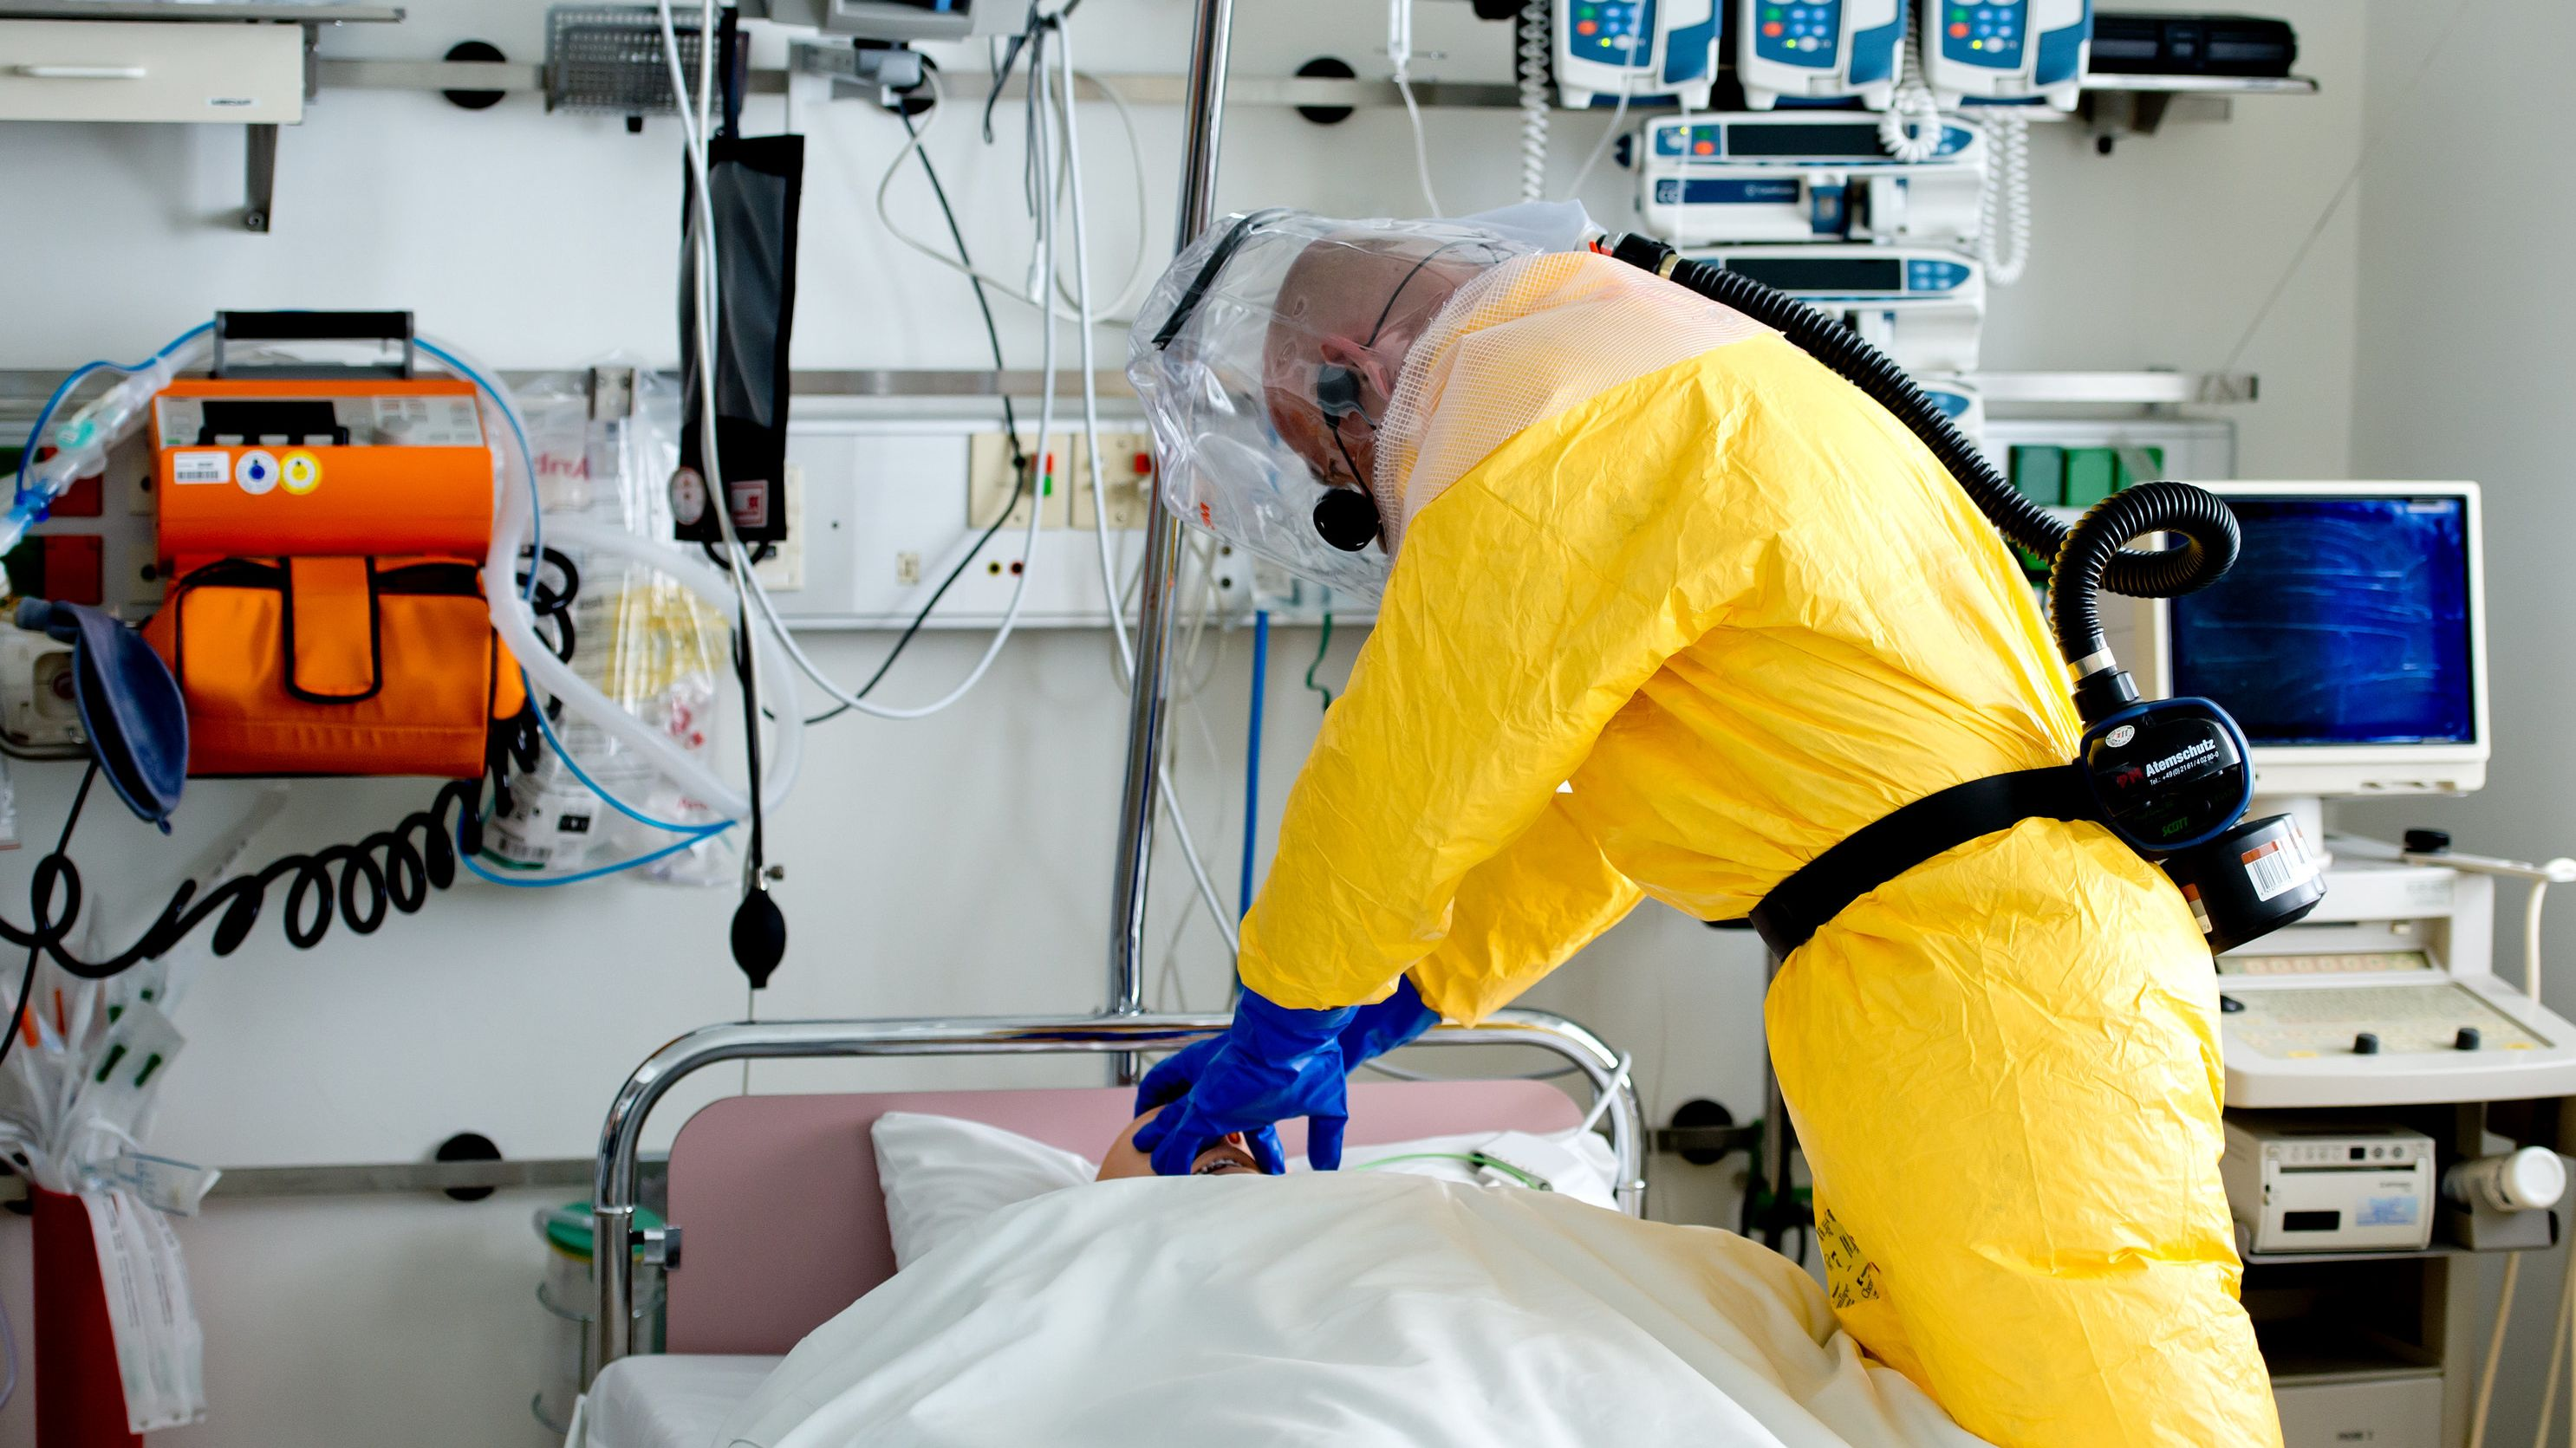 Ein Mann in Schutzausrüstung demonstriert die Versorgung eines Patienten auf einer Sonderisolierstation in einem Münchner Klinikum.